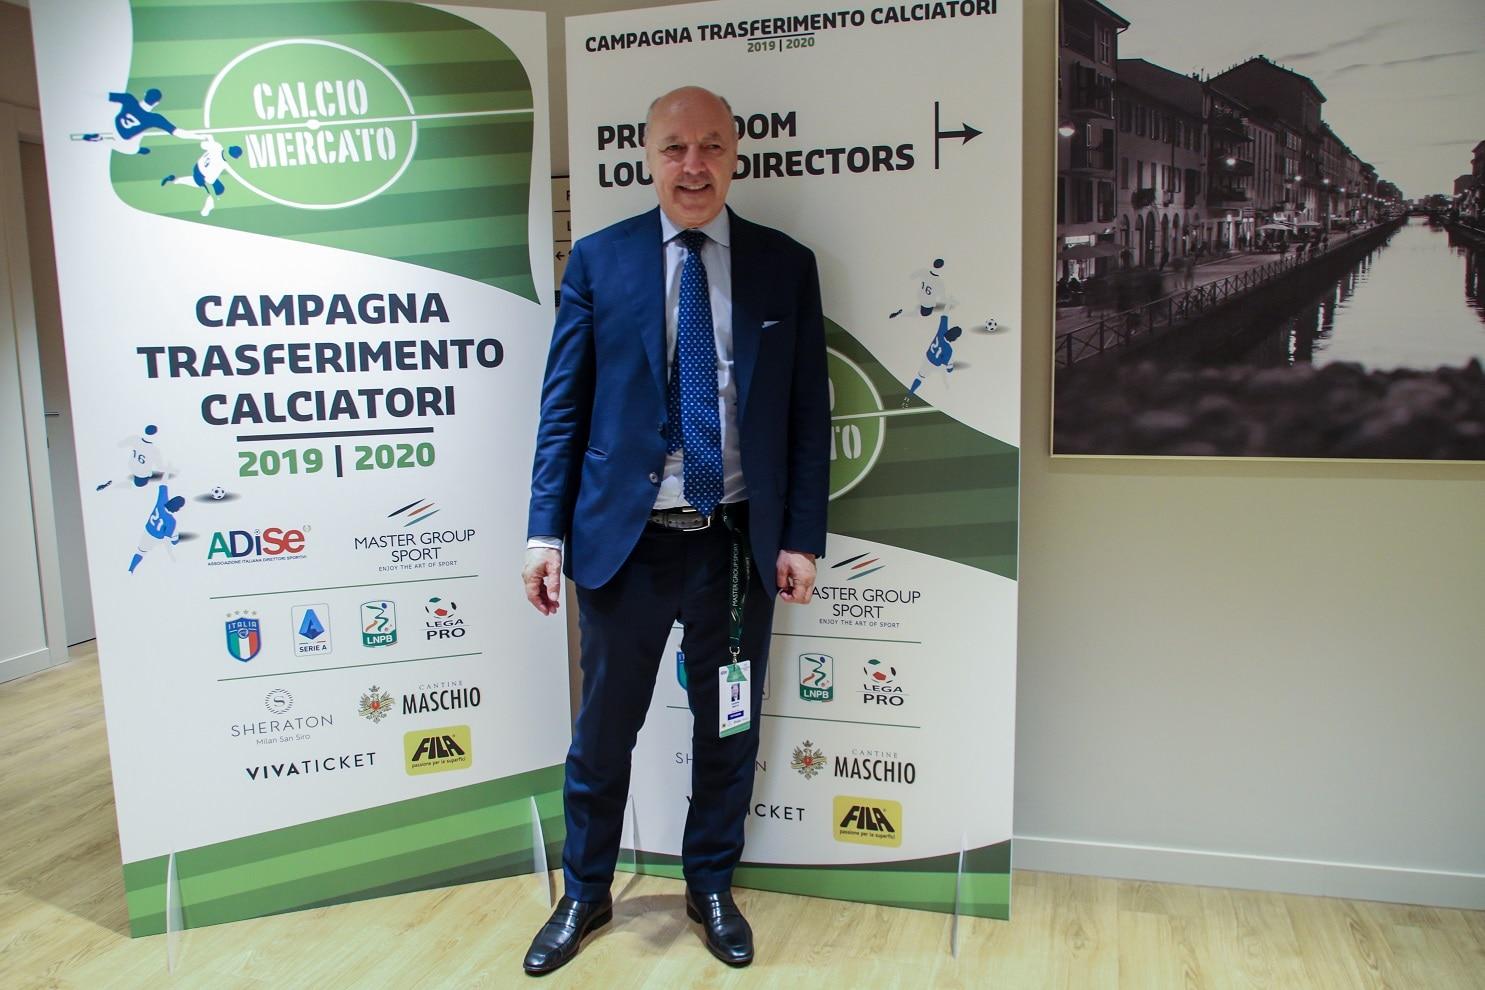 Chiusura calciomercato: Hotel Sheraton San Siro di Milano sede ufficiale